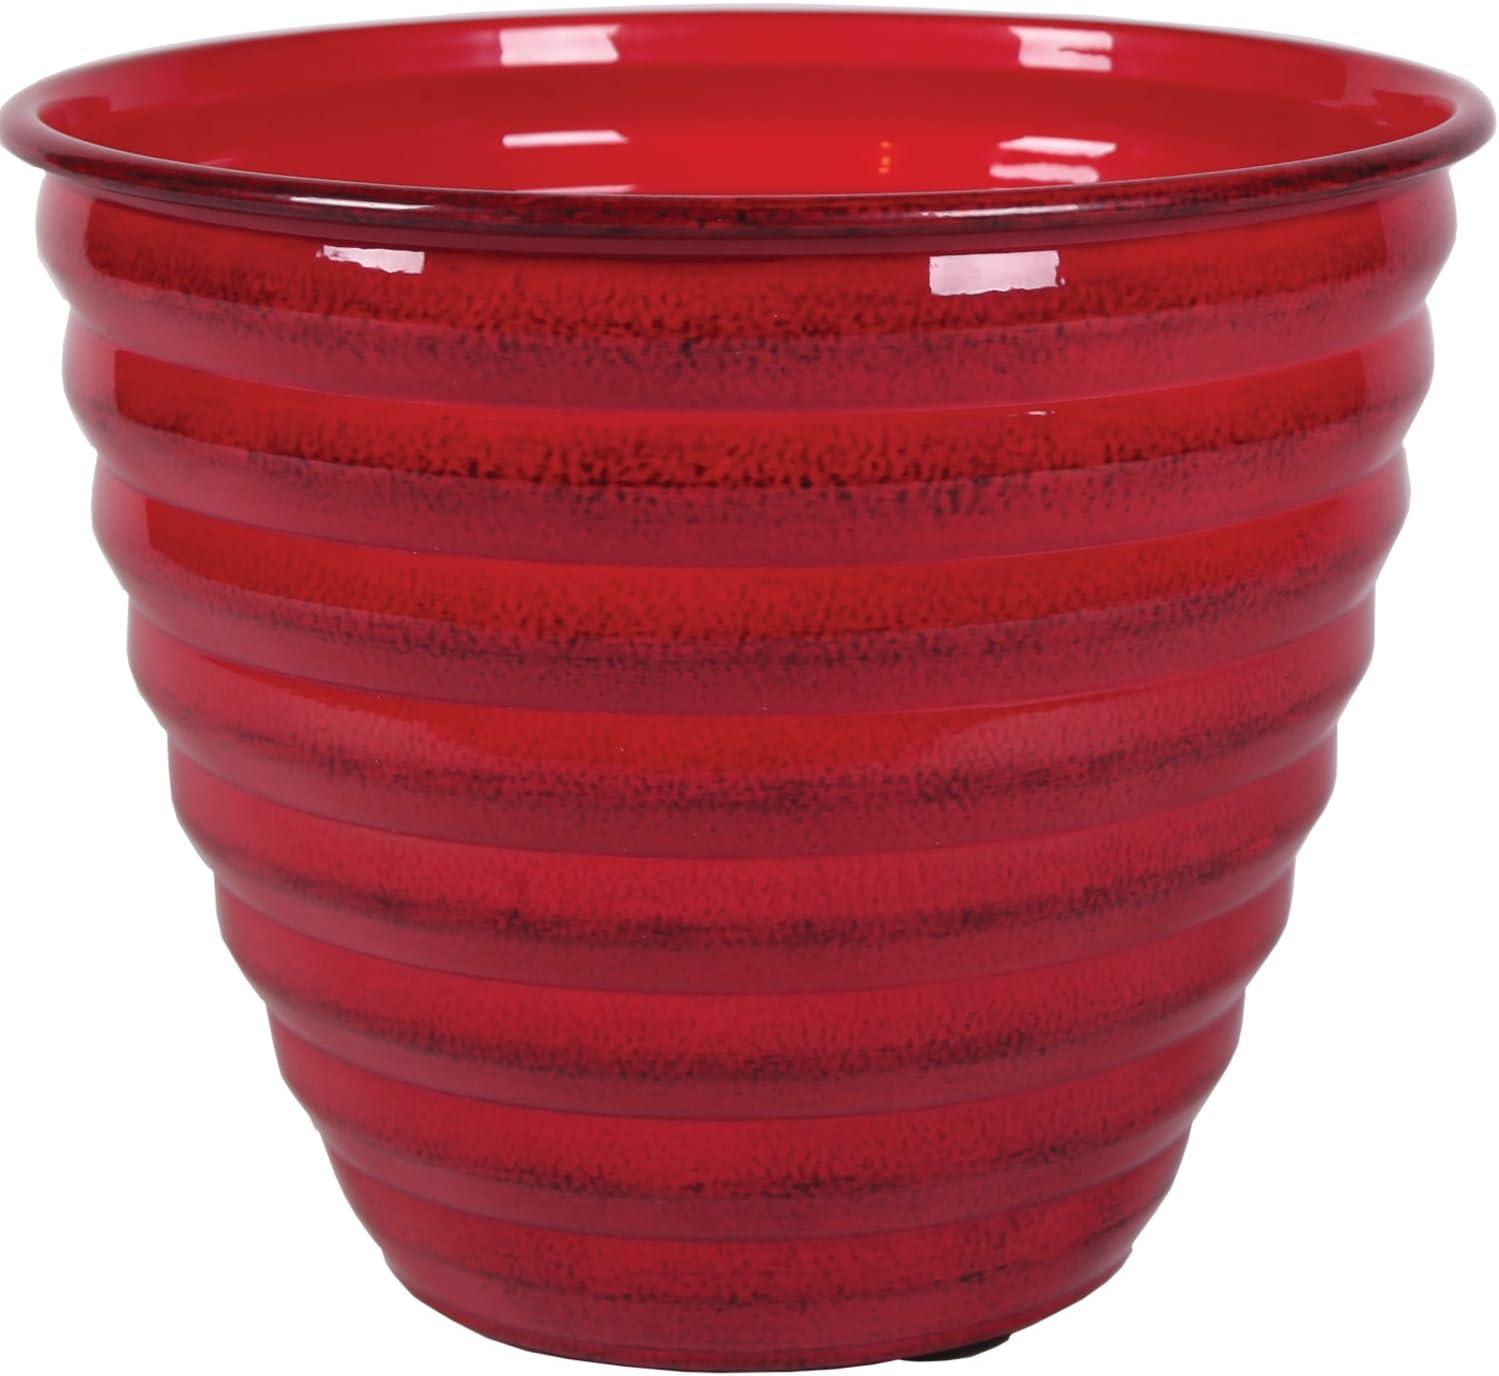 Robert Allen MPT01614 Avondale Classic Flower Pot, 10 , Autumn Blaze